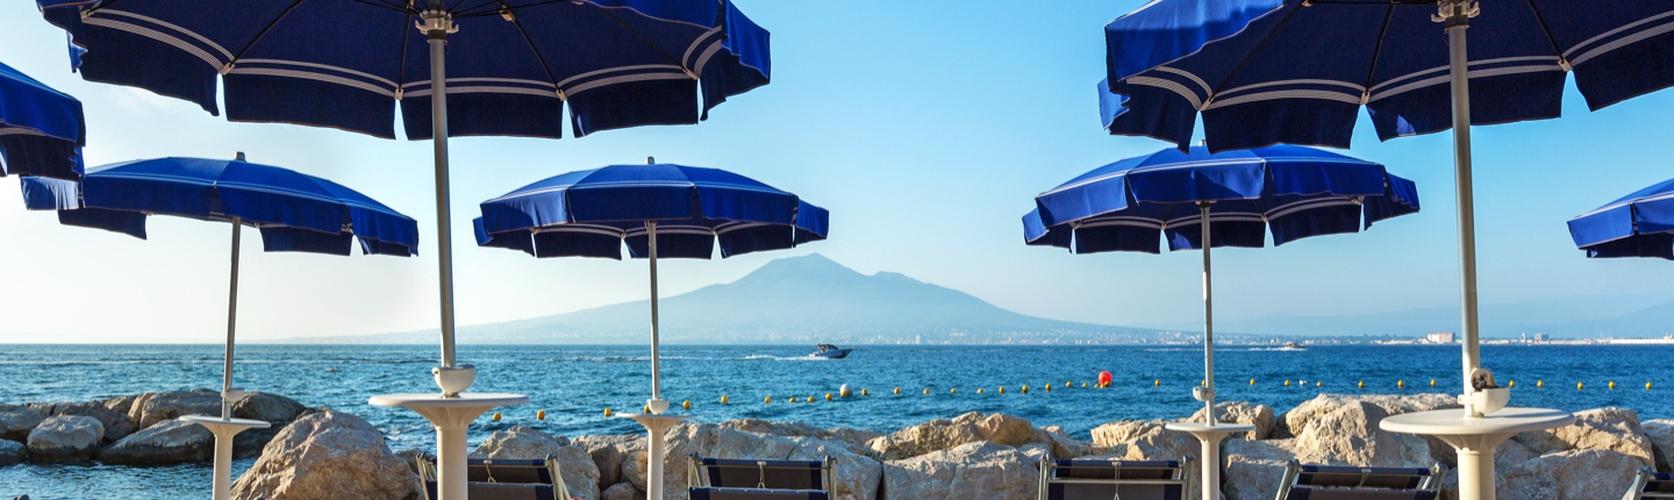 Cibo e bevande Towers Hotel Stabiae Sorrento Coast a ...